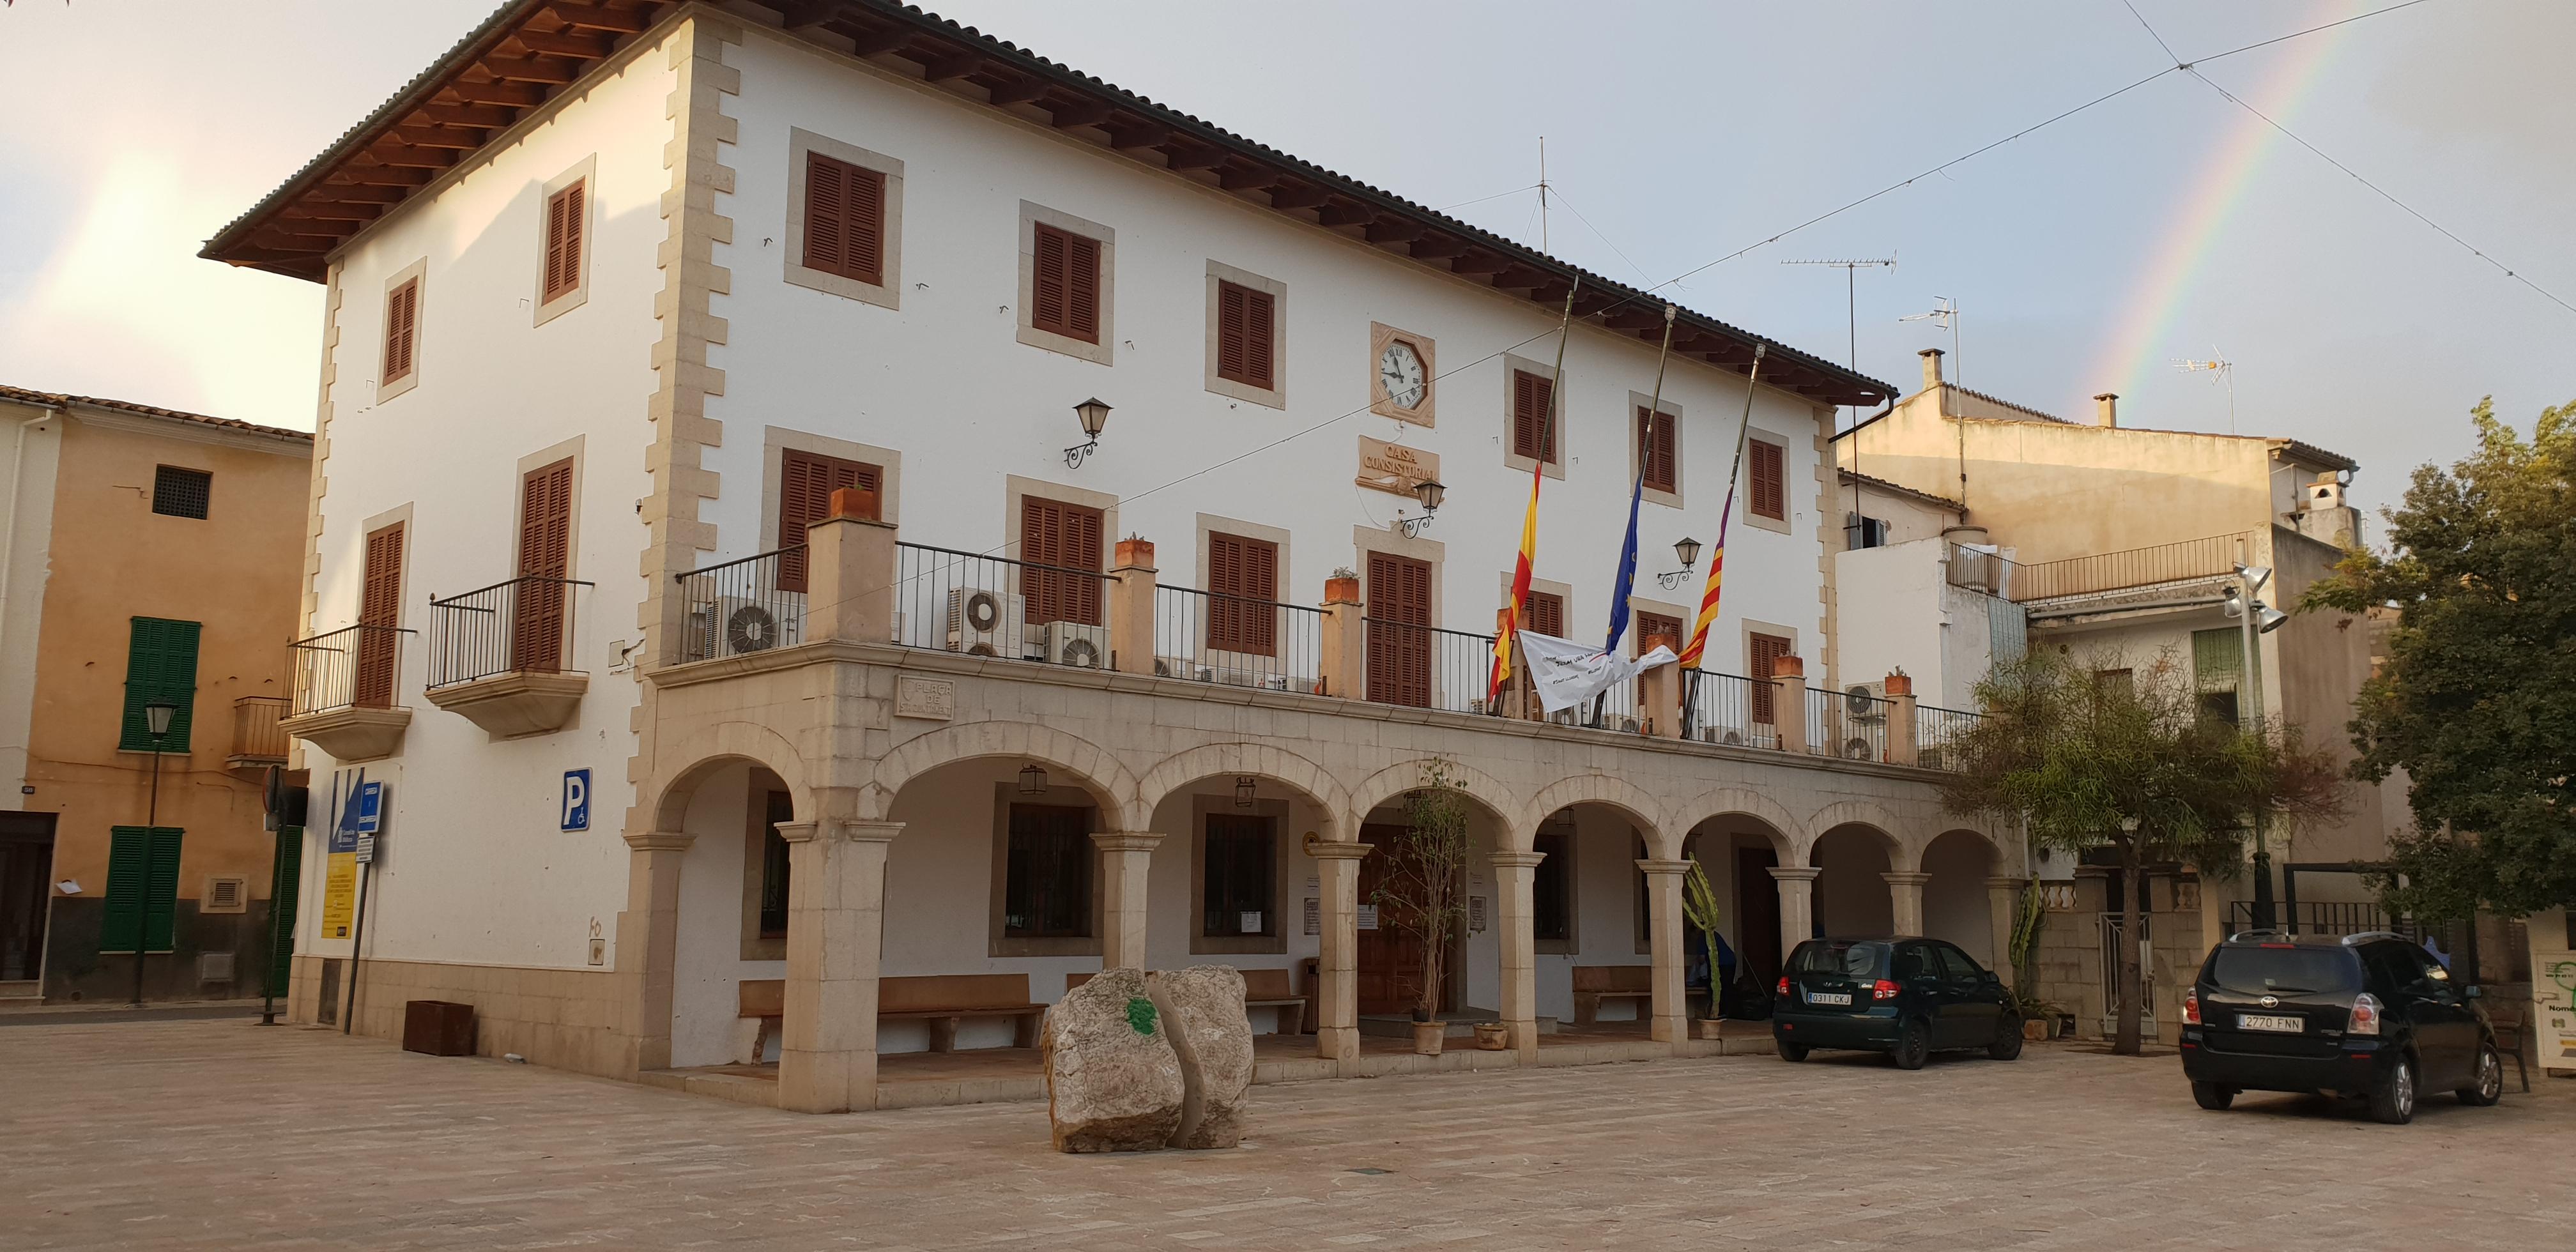 Fotografia de l'edifici de l'Ajuntament de Sant Llorenç des Cardassar. Aquesta plaça efectivament és la plaça de l'ajuntament i és on es fan les revetlles populars.